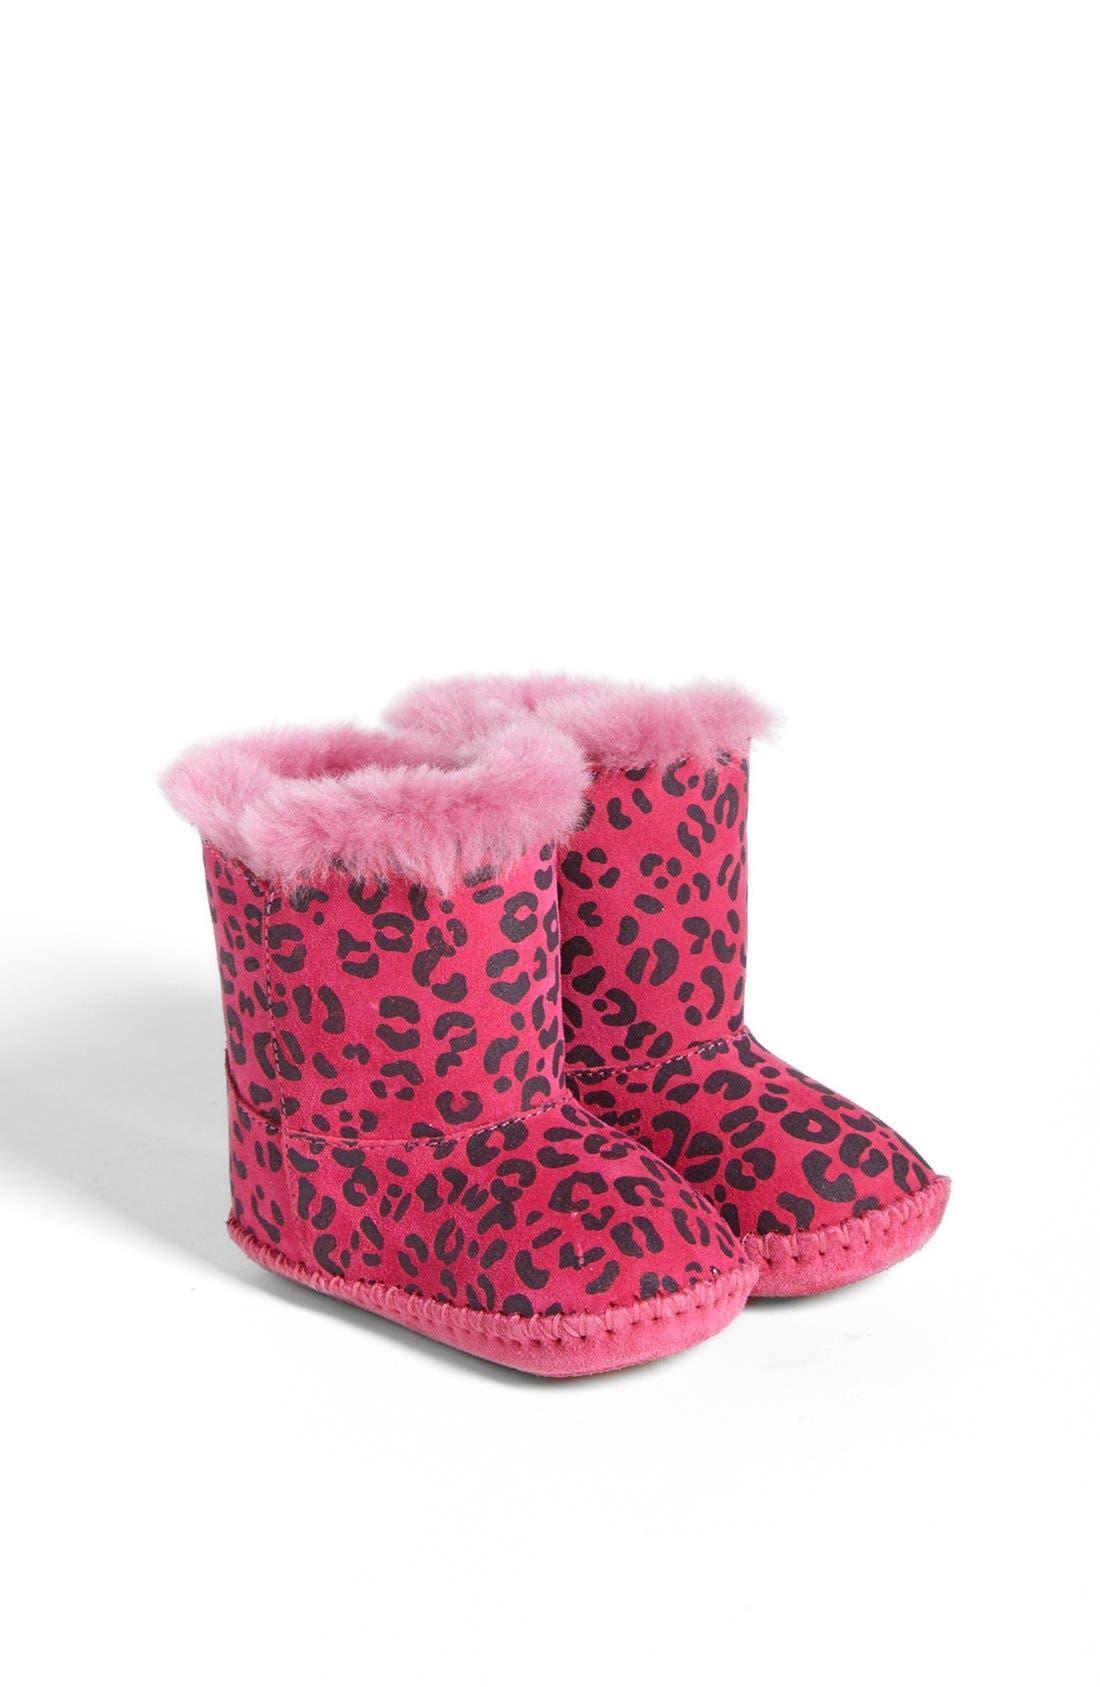 Main Image - UGG® Australia 'Cassie' Leopard Print Boot (Baby & Walker)(Nordstrom Exclusive)